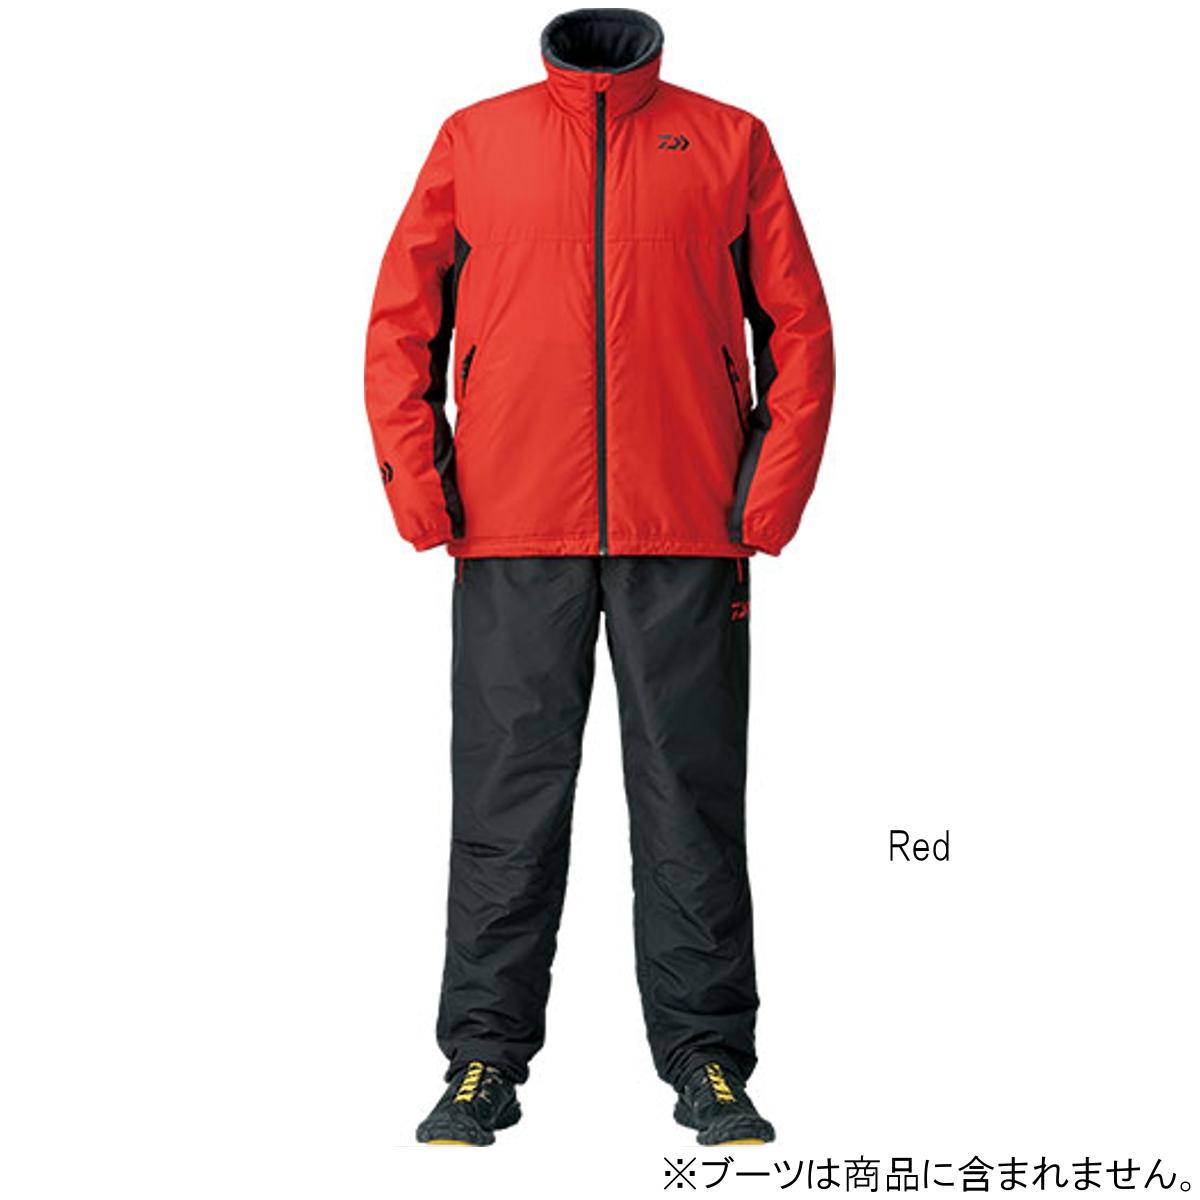 ダイワ ウォームアップスーツ DI-52008 XL Red(東日本店)